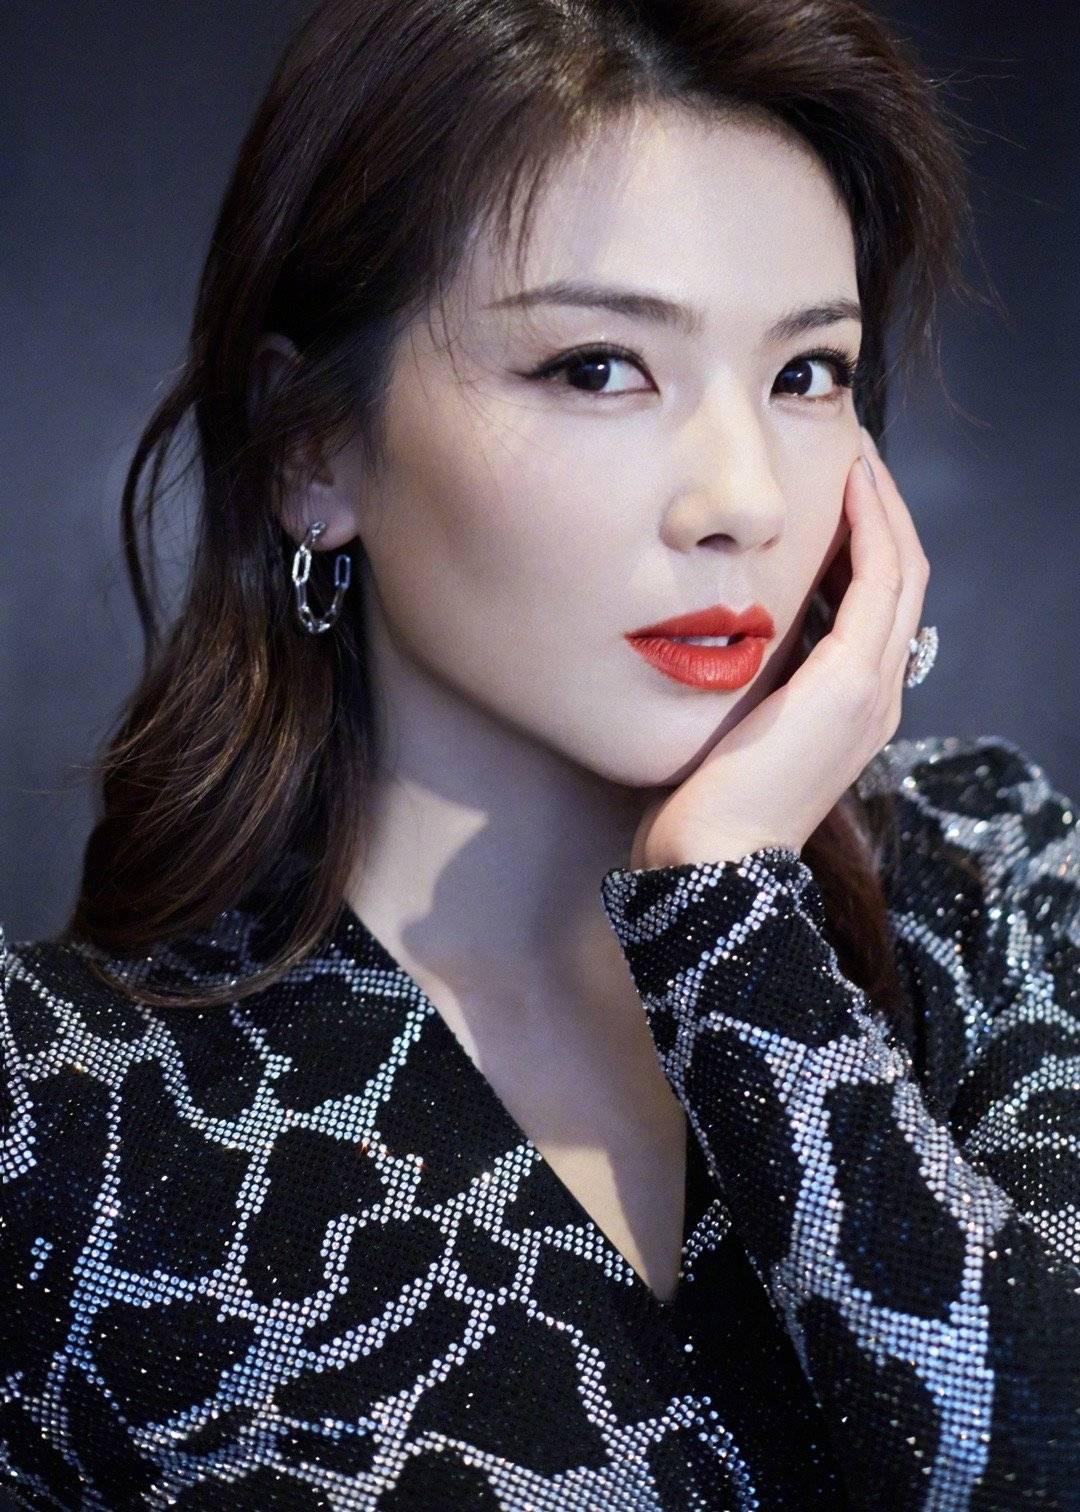 原创             刘涛太有魅力,穿豹纹亮片裙惊艳亮相,身材让人流口水